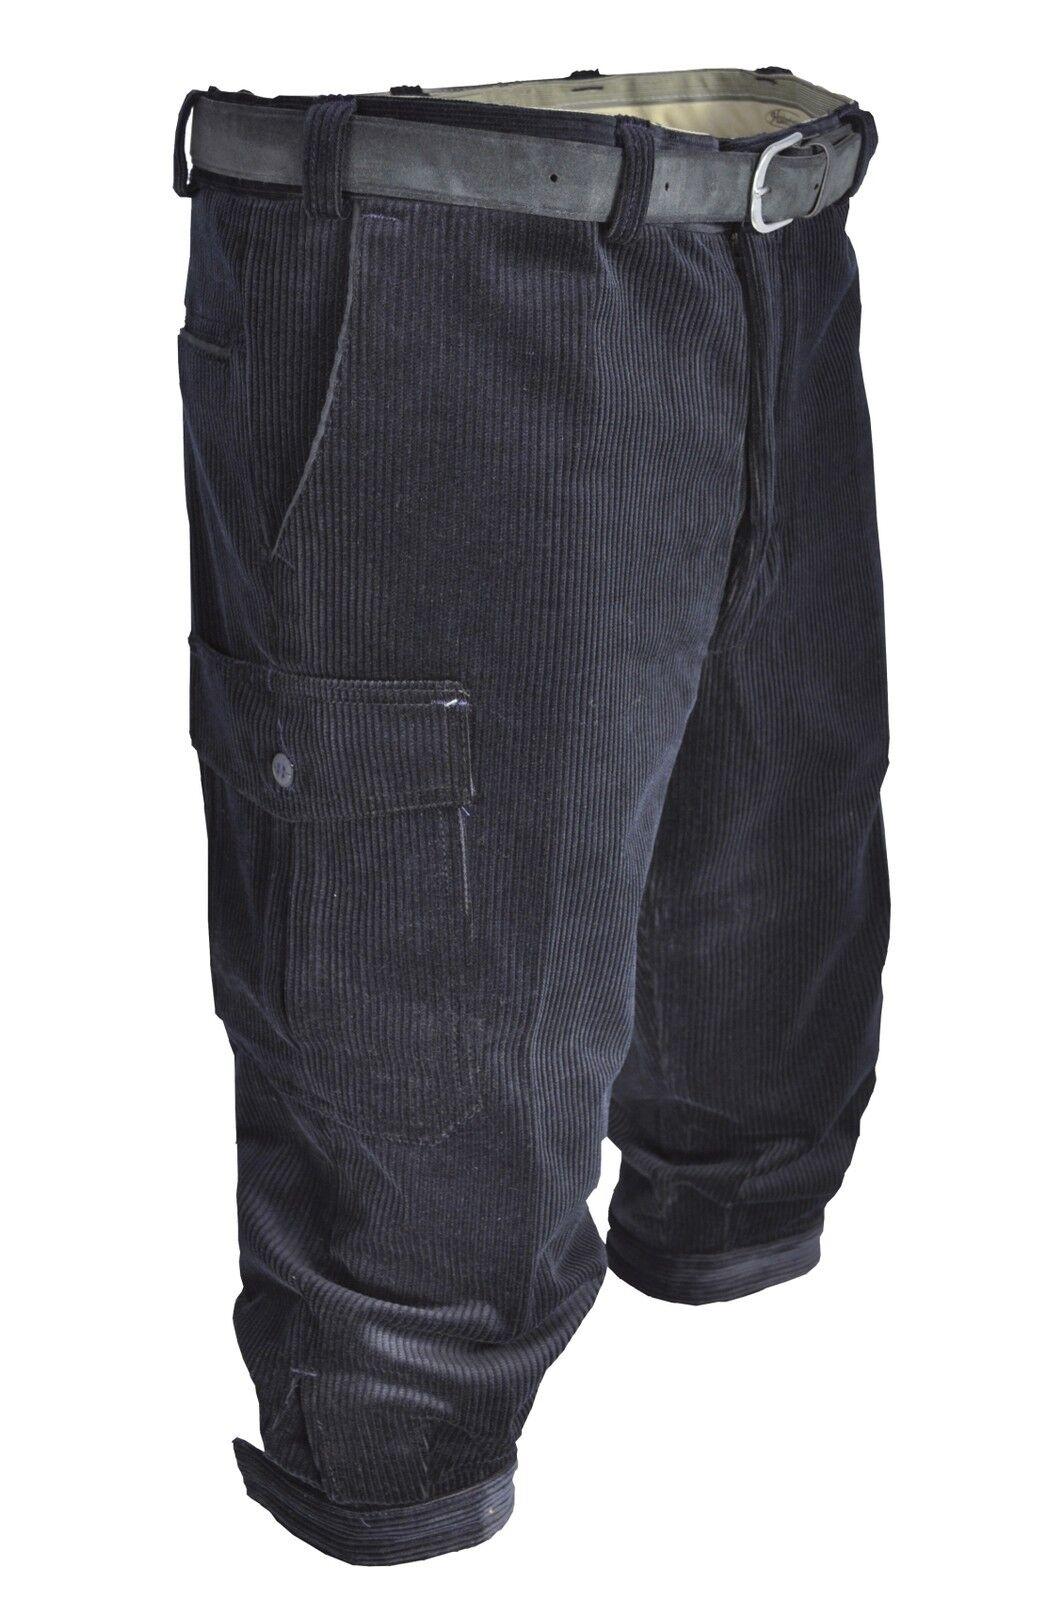 Stretch-Cord Kniebundhose Wanderhose Bein-und Bein-und Wanderhose Messertasche Hubertus in 3 Farben 1f92d6